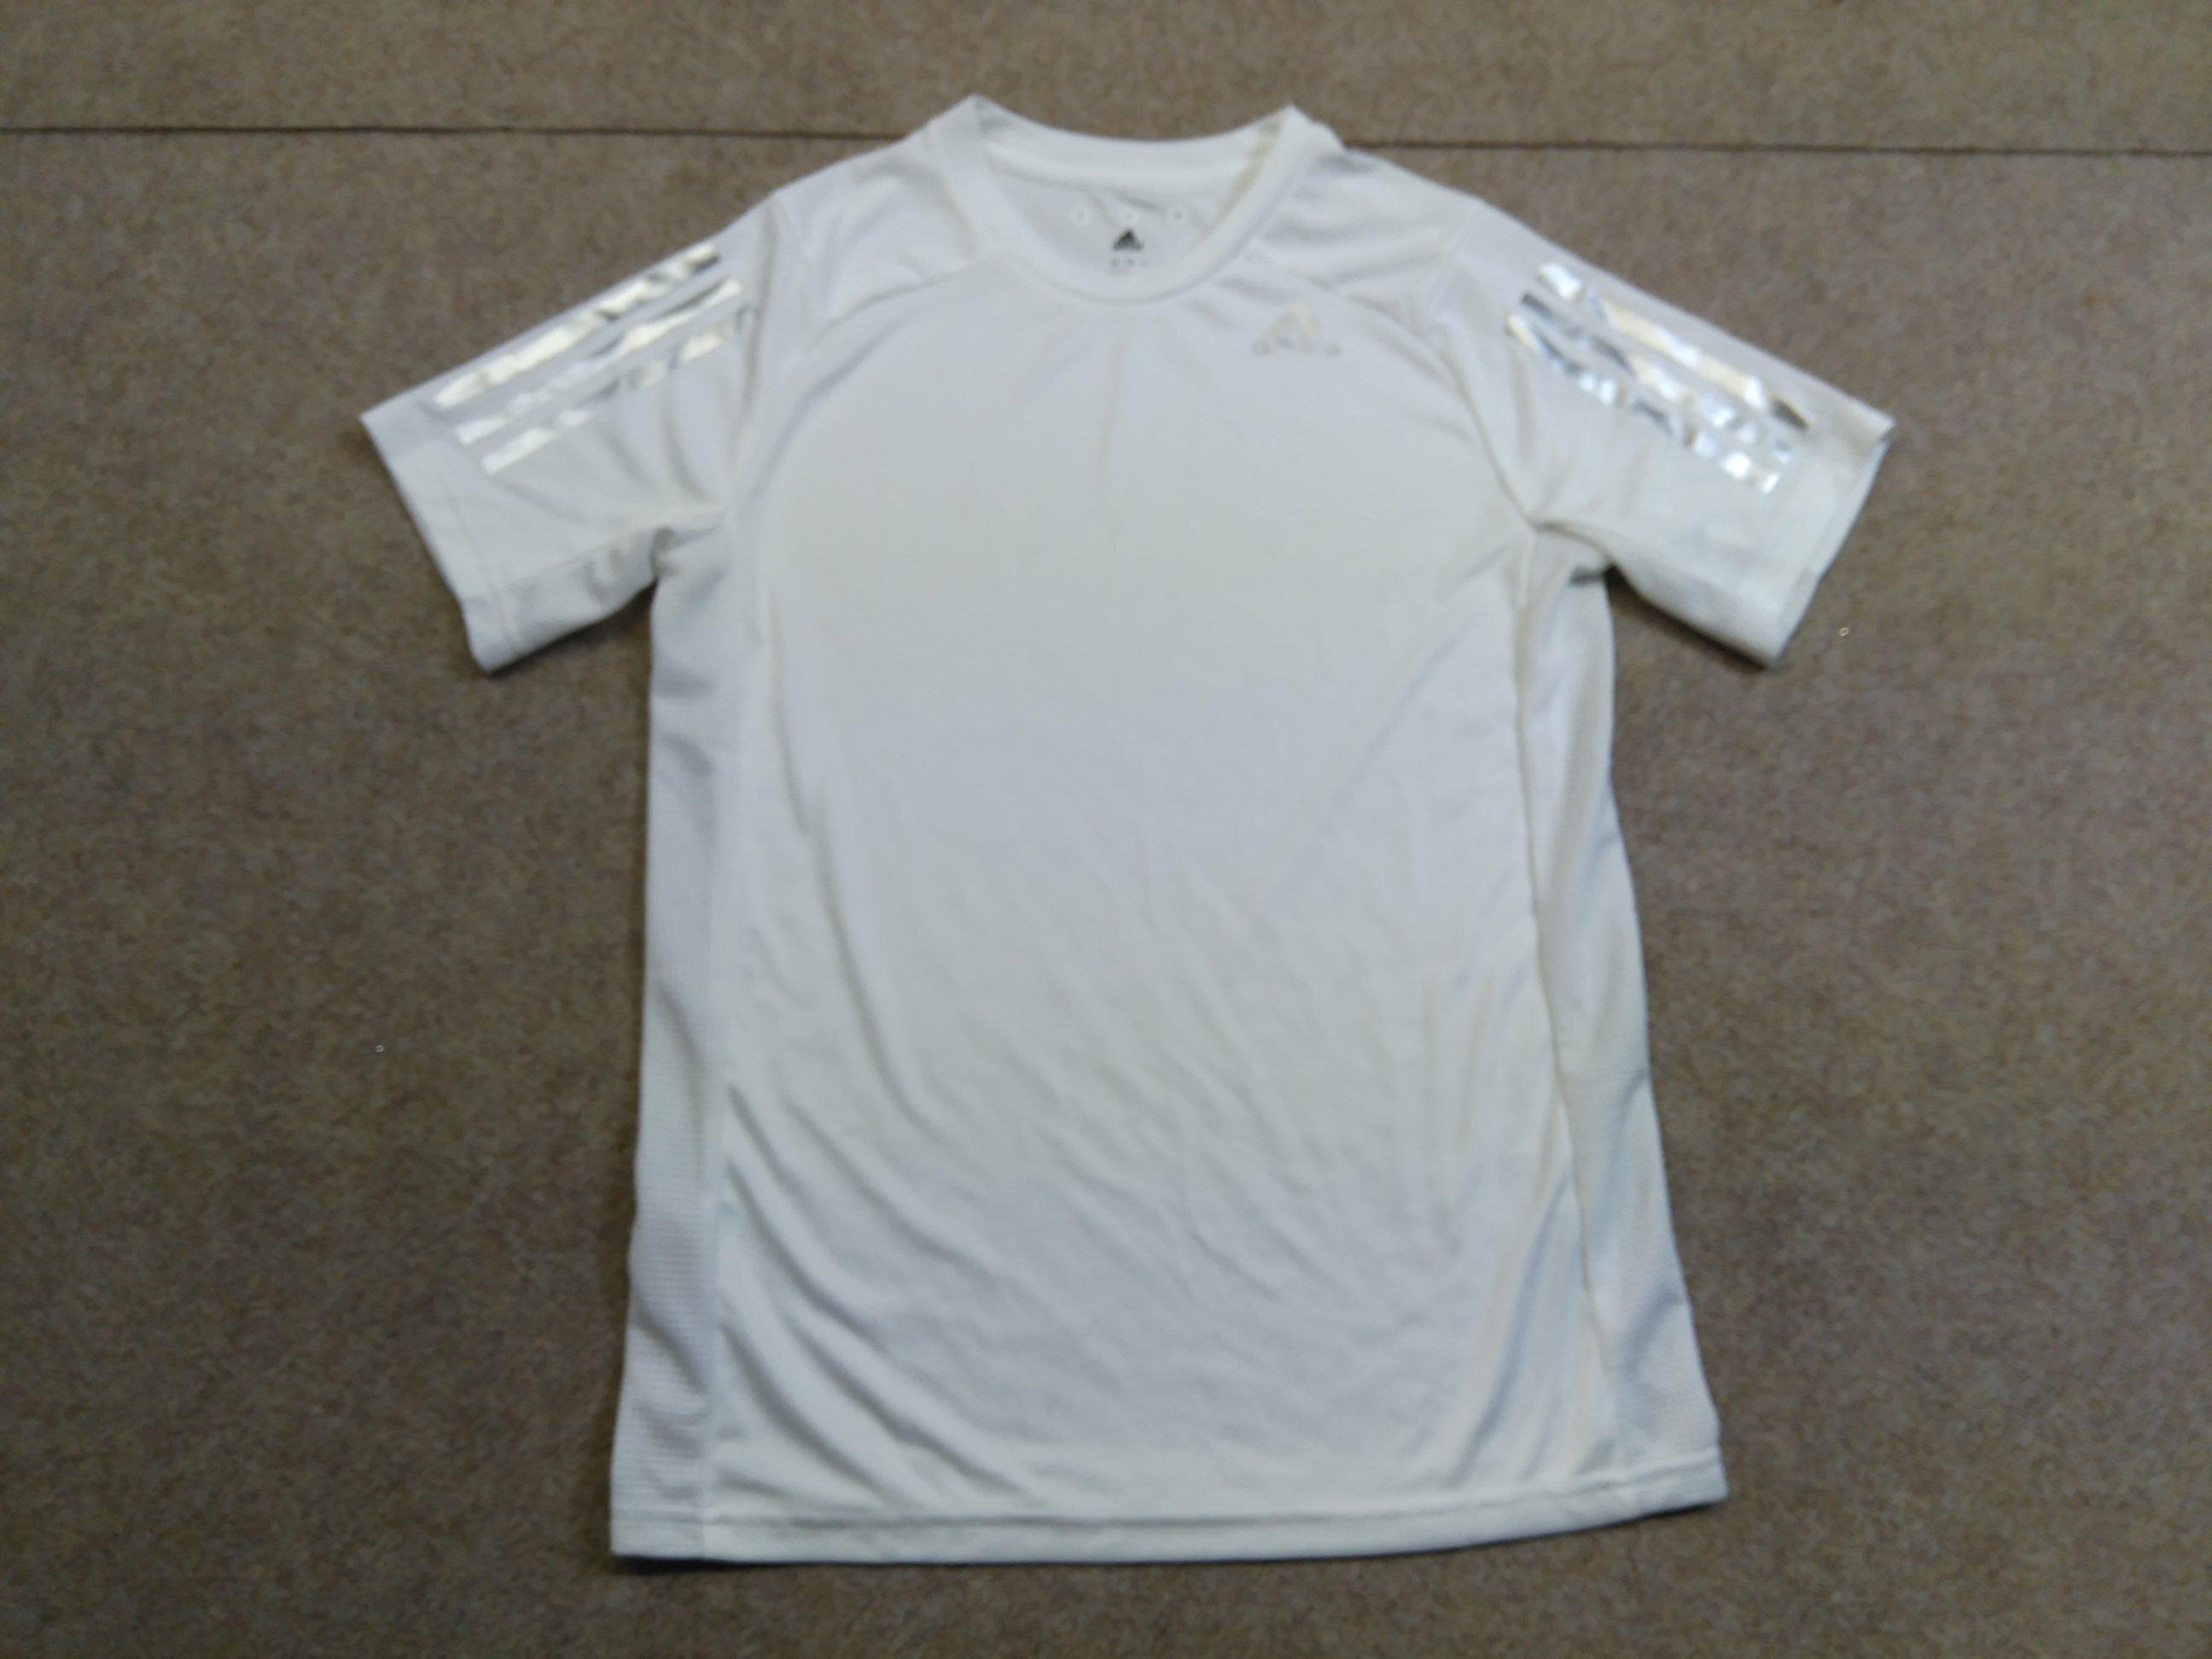 アディダス シルバー3本ライン Tシャツ 160cm 白 mu342s